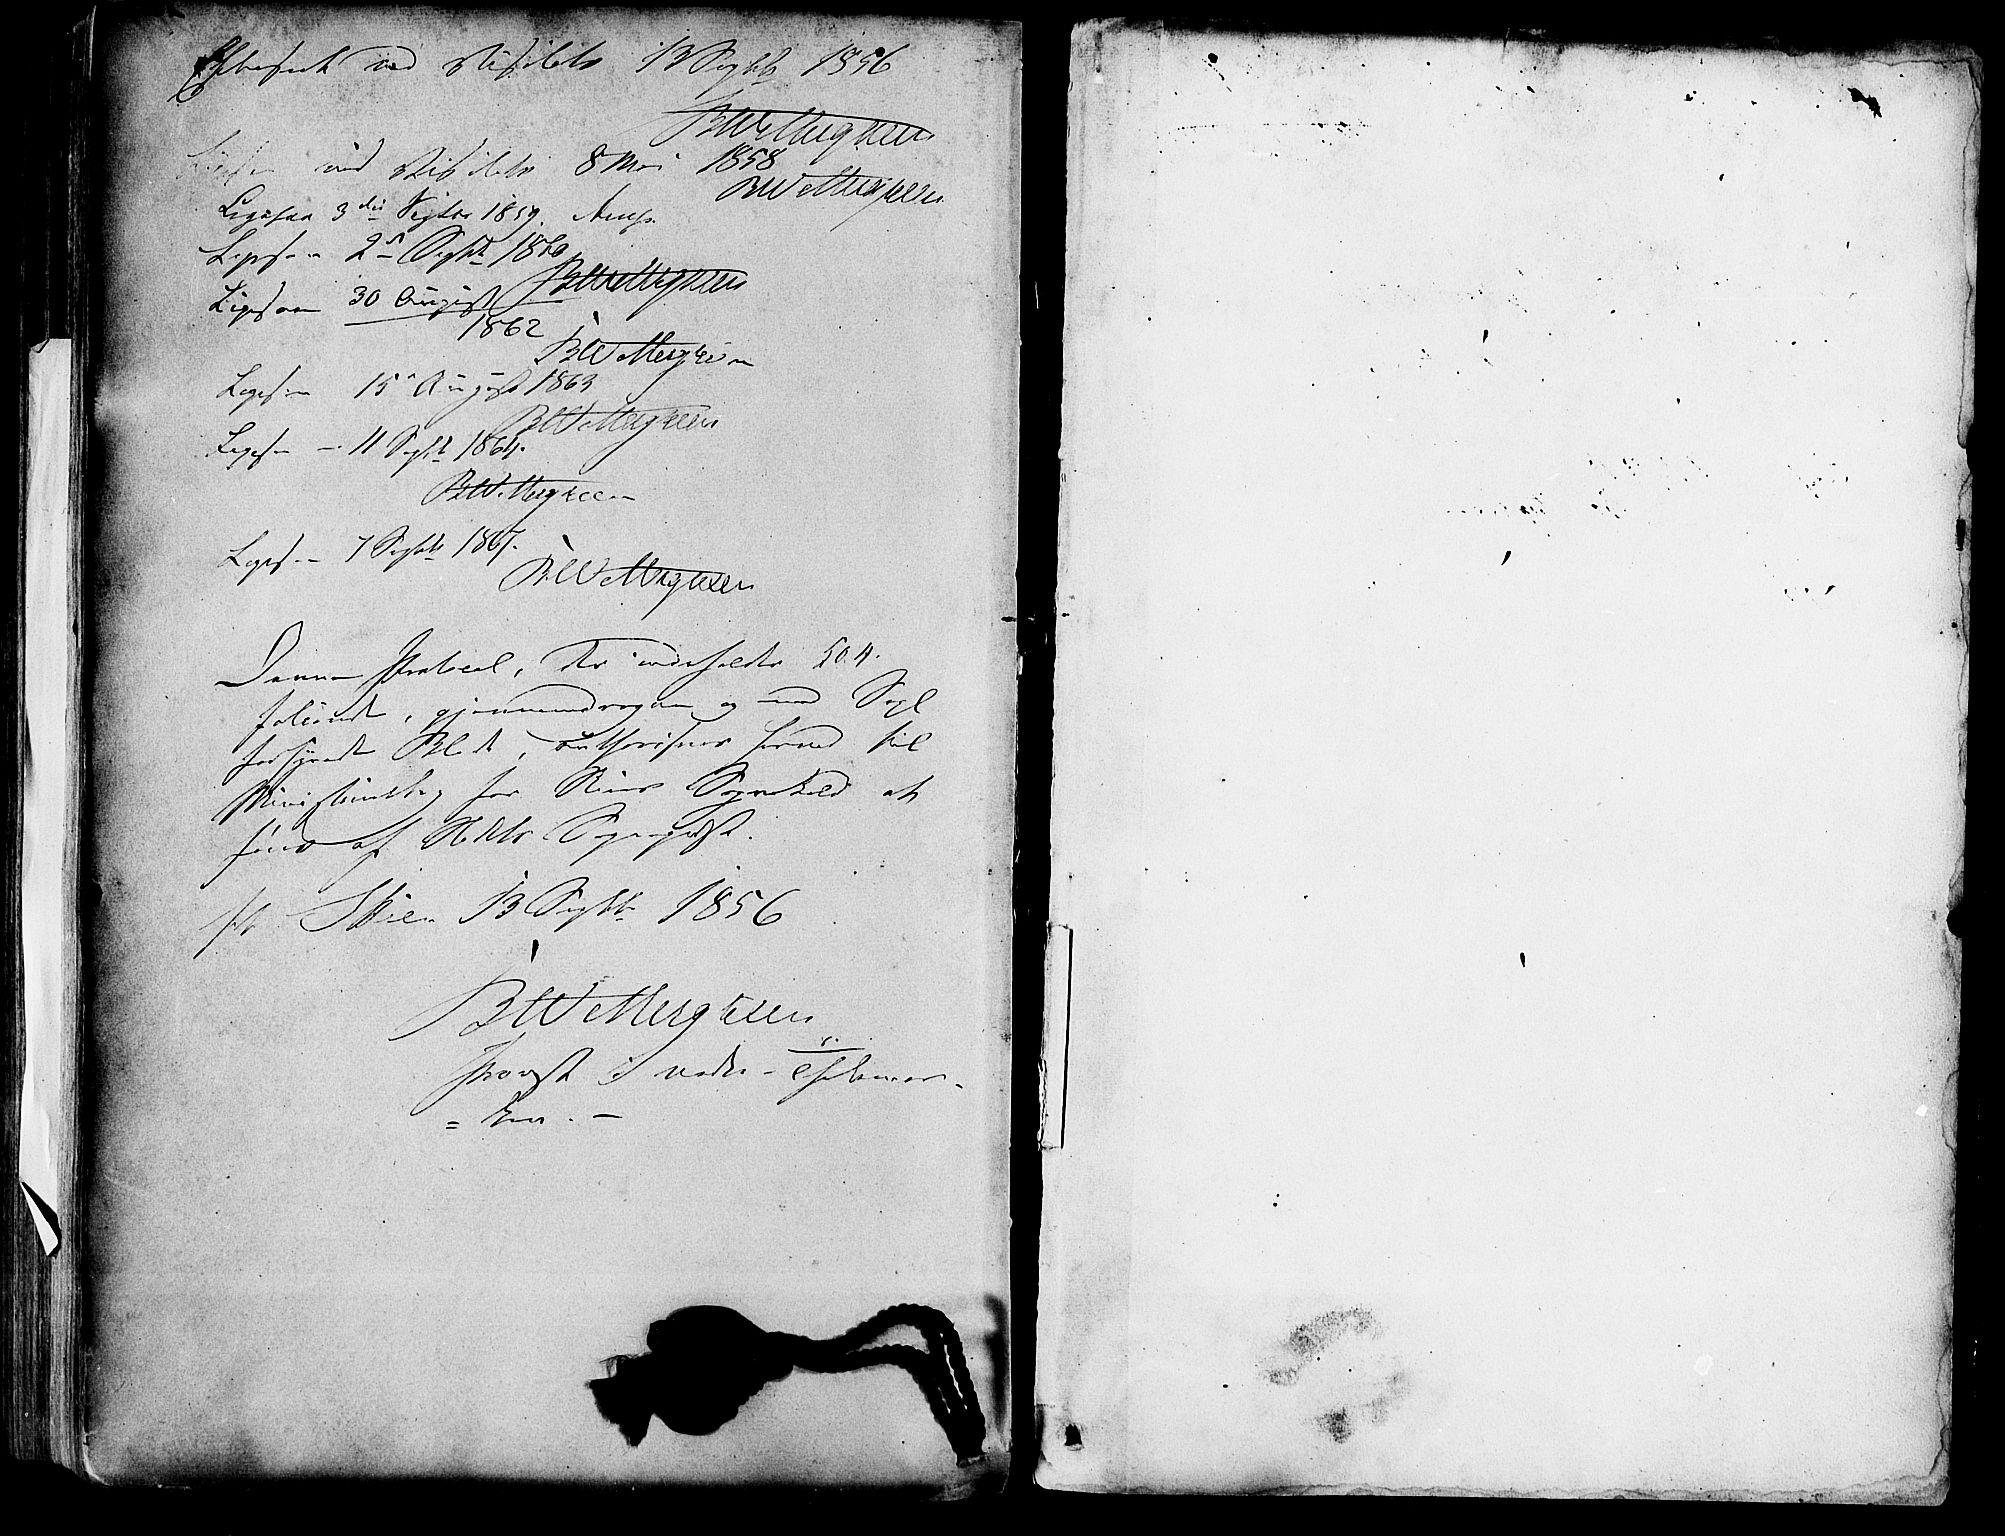 SAKO, Skien kirkebøker, F/Fa/L0007: Ministerialbok nr. 7, 1856-1865